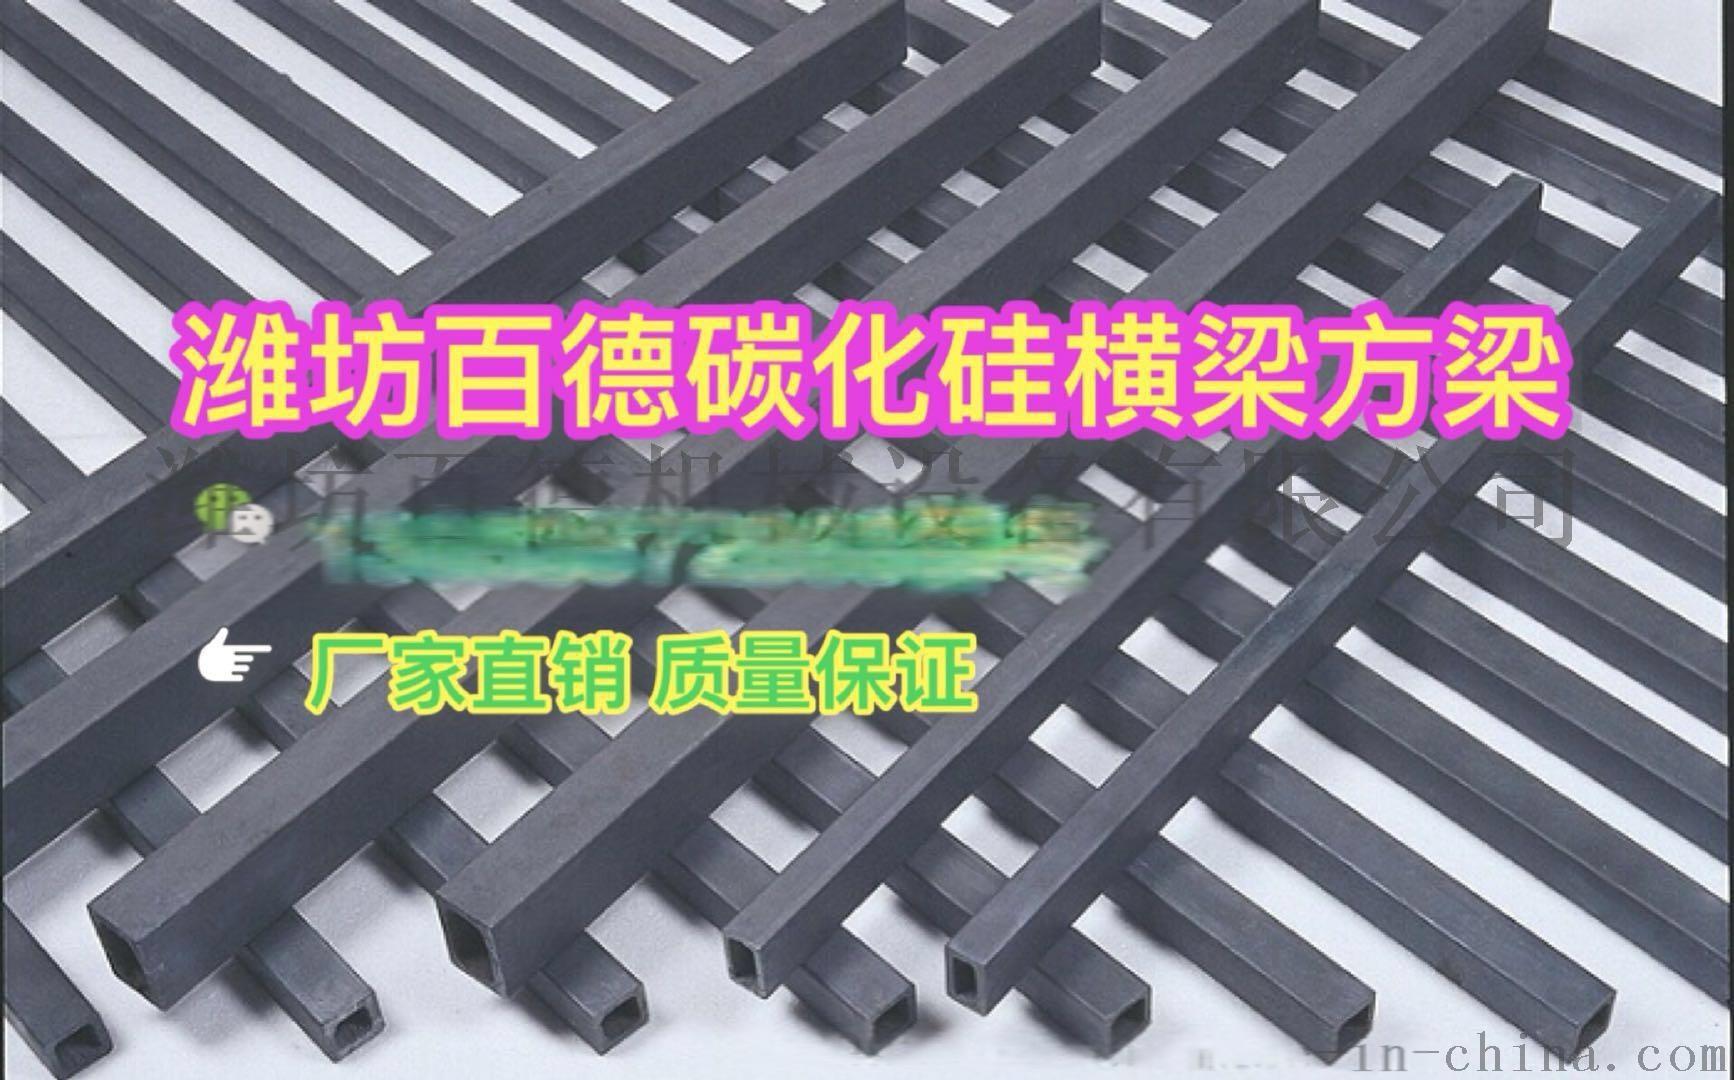 中国山东碳化硅生产基地方梁横梁辊棒供货商745835022